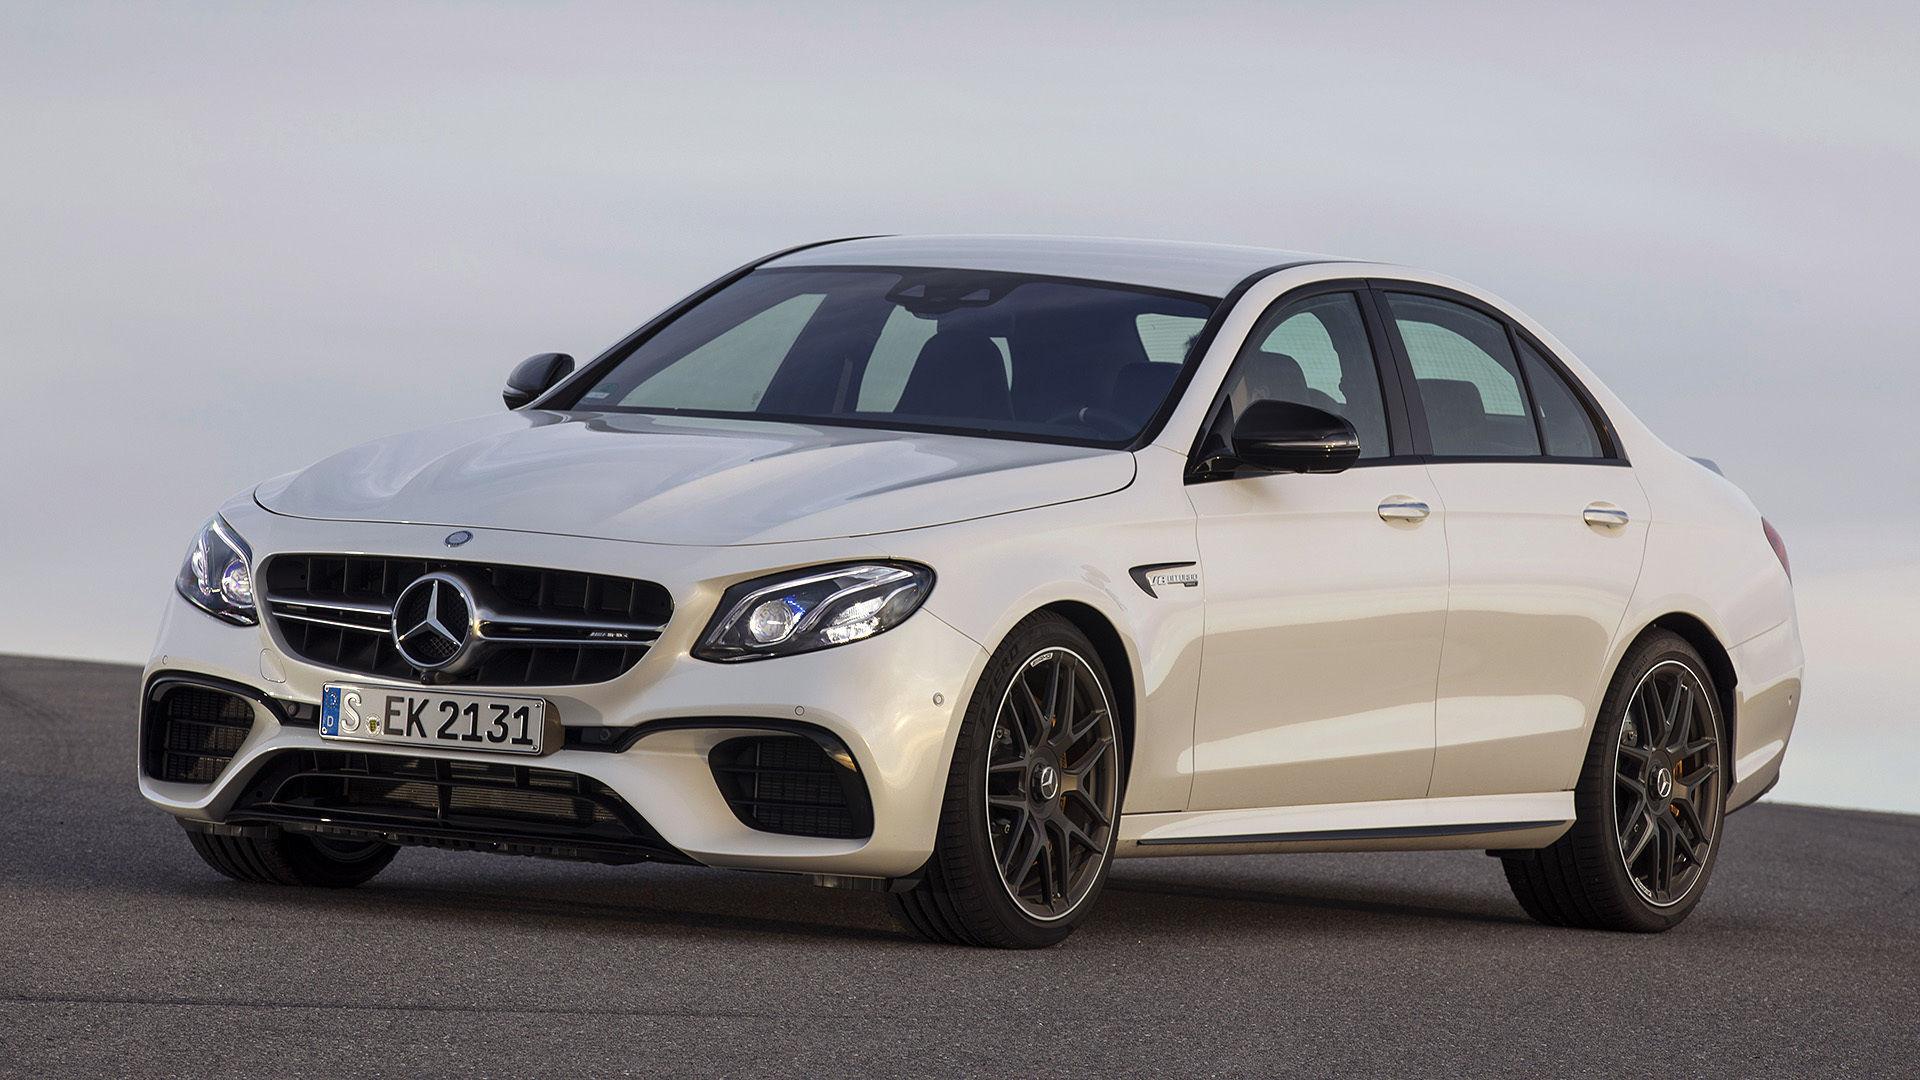 2018 Mercedes-Benz E63 AMG | 2018 Mercedes-AMG E63S